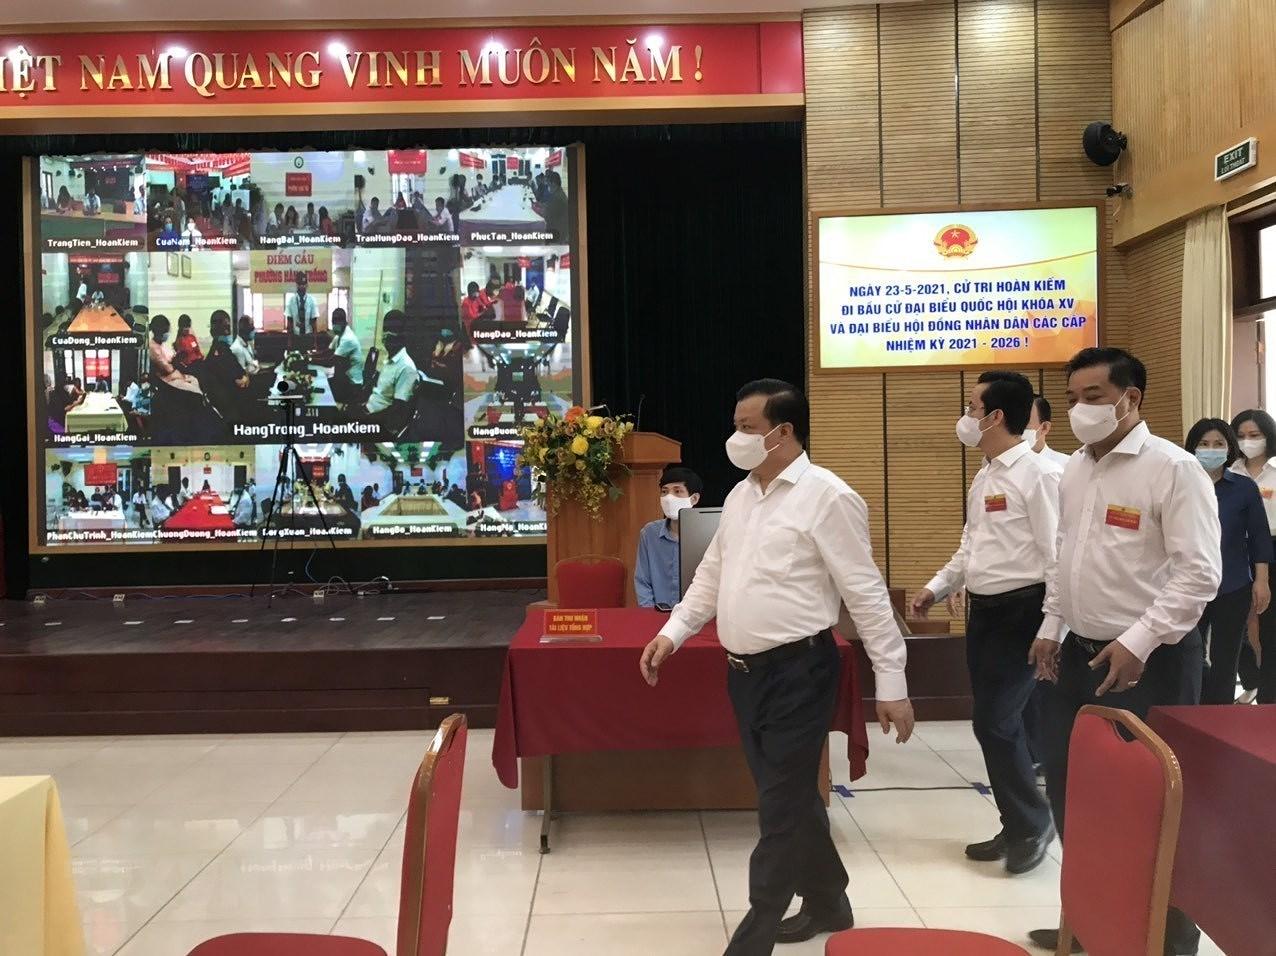 Bi thu Thanh uy Ha Noi kiem tra cong tac bau cu tai cac quan trung tam hinh anh 1